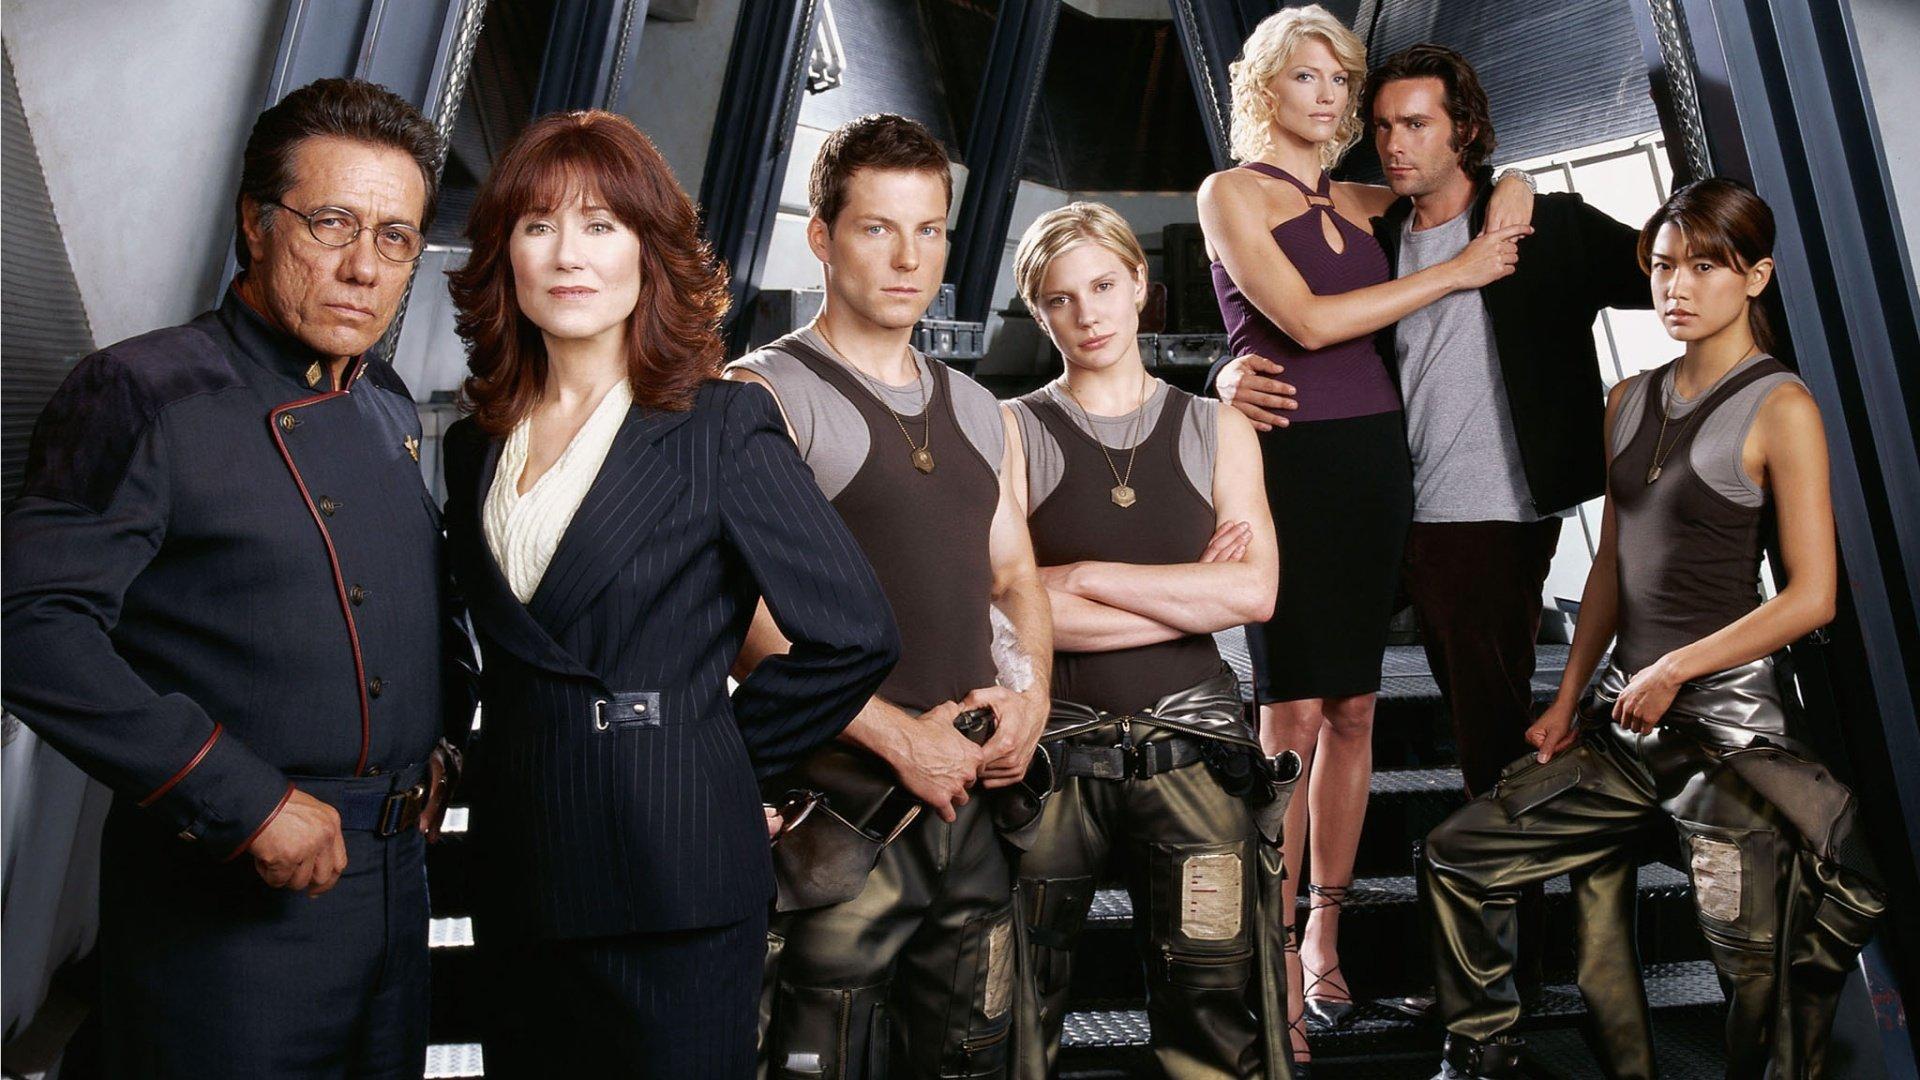 Battlestar Galactica - twórca serialu o oryginalnej, 4-godzinnej wersji remaku z 2003 roku